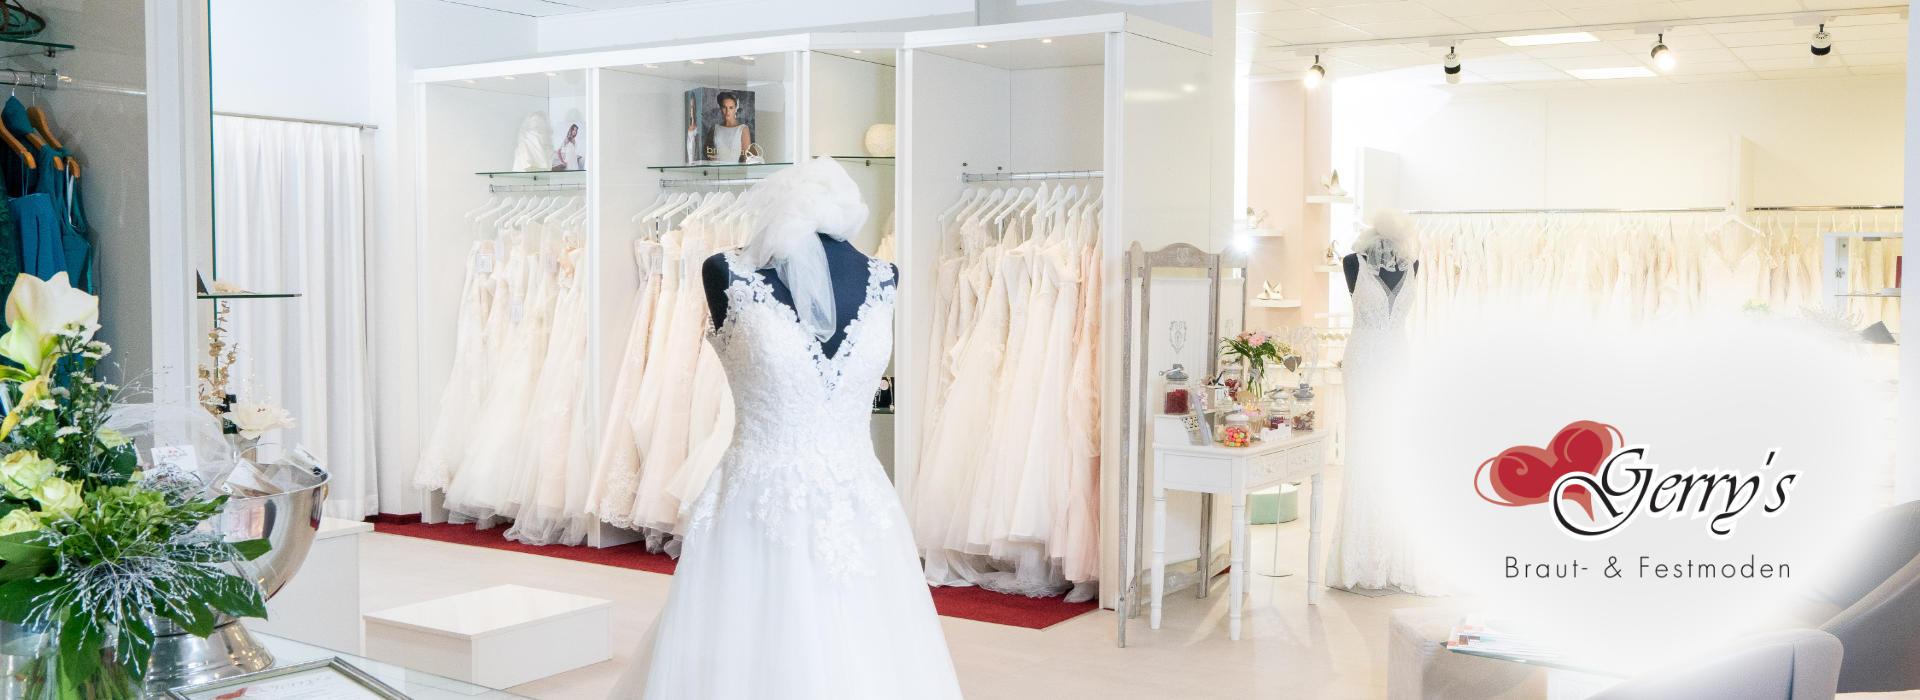 Gerrys Brautmoden und Brautkleider - Dessous